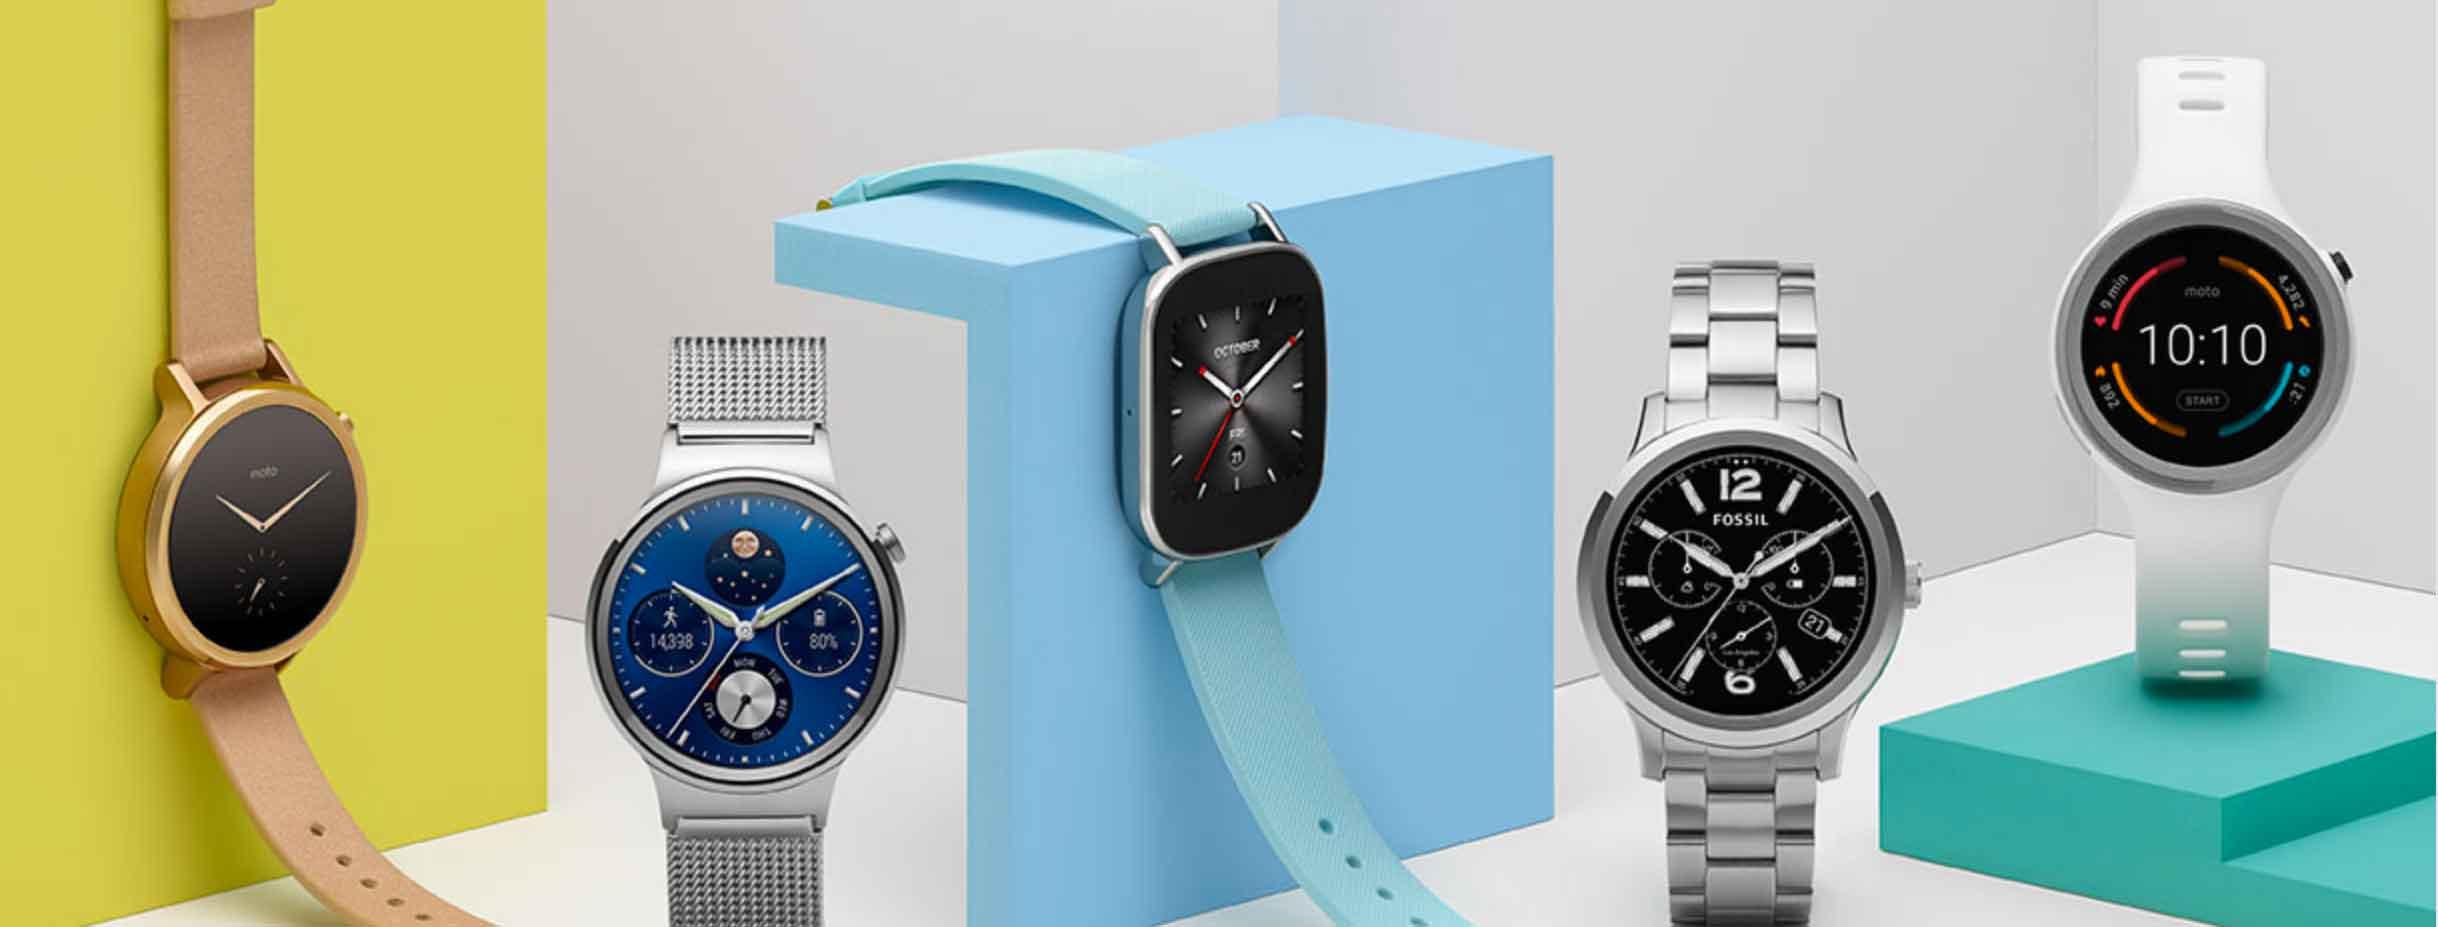 Nuovi smartwatch da Google